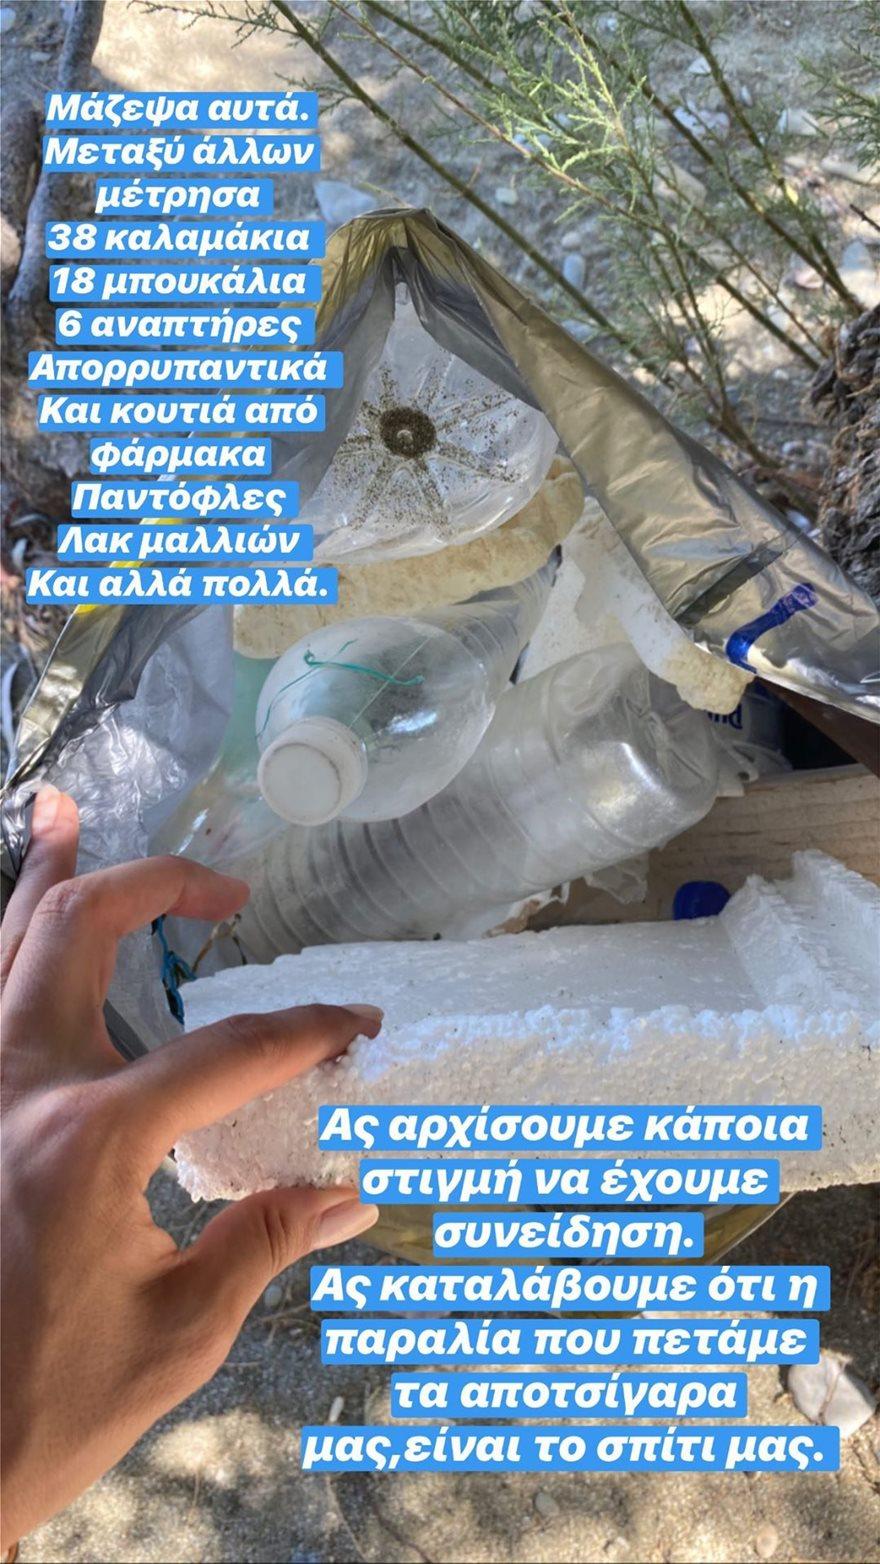 toniasotiropoulou_110740563_1151740691870592_5278371285954925537_n